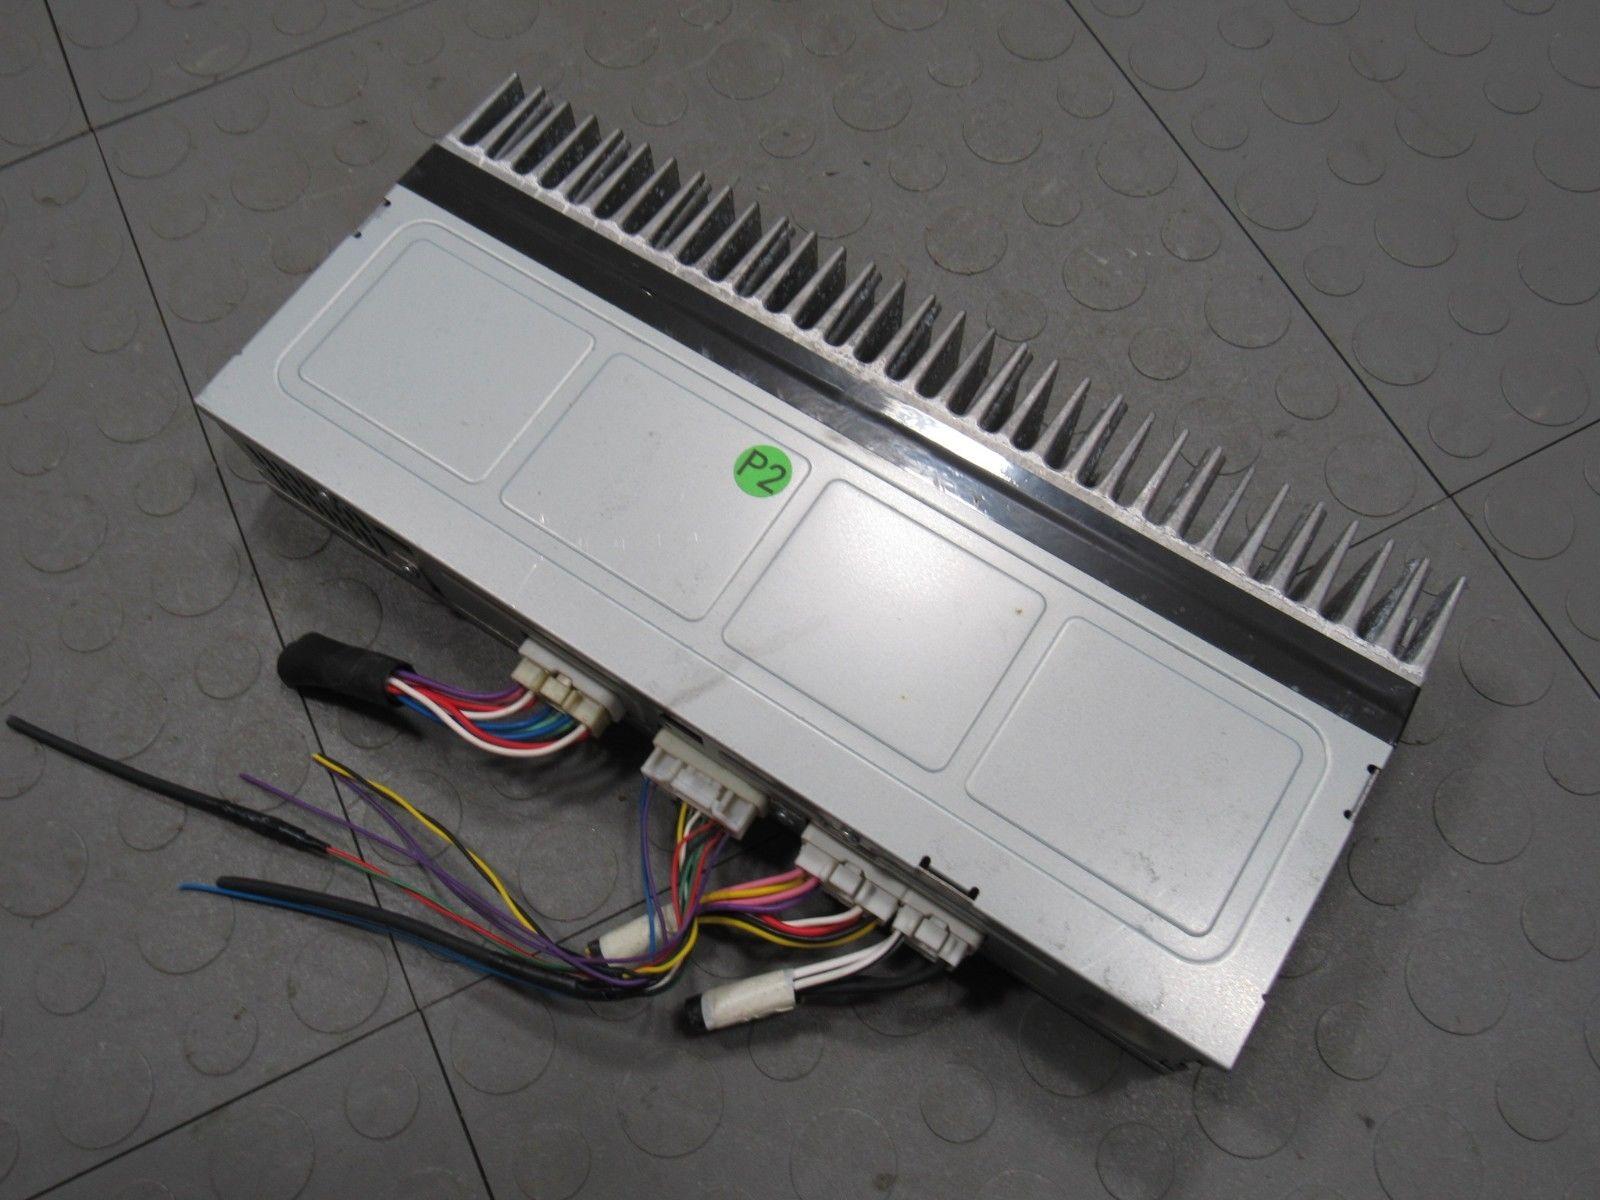 07 12 Lexus Ls460 Rwd Pioneer Amp Radio Stereo Amplifier Oem 86280 2008 Ls460l Wiring 50290 A